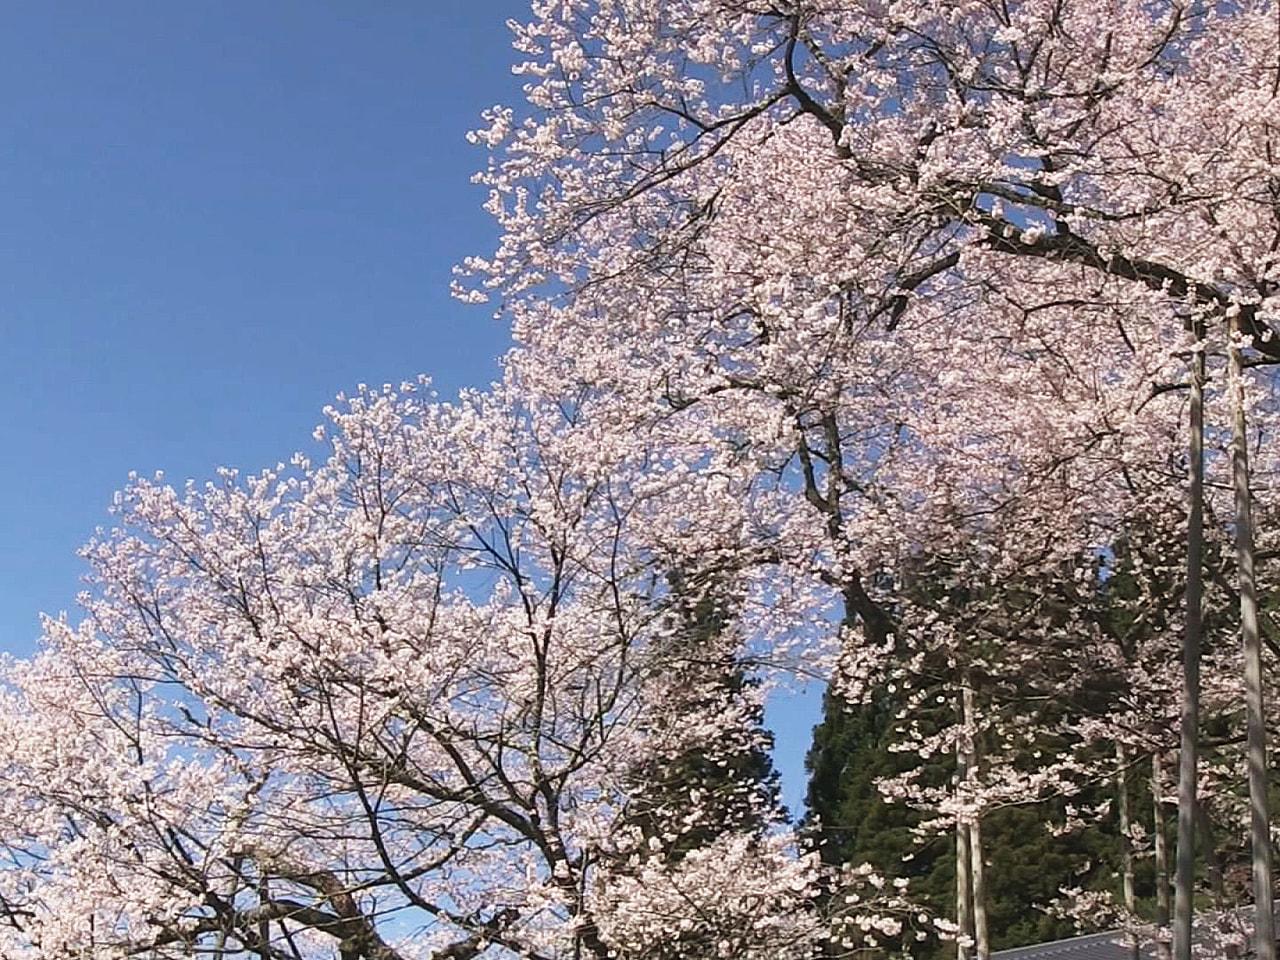 岐阜県高山市一之宮町の国の天然記念物「臥龍桜(がりゅうざくら)」が見頃を迎えまし...